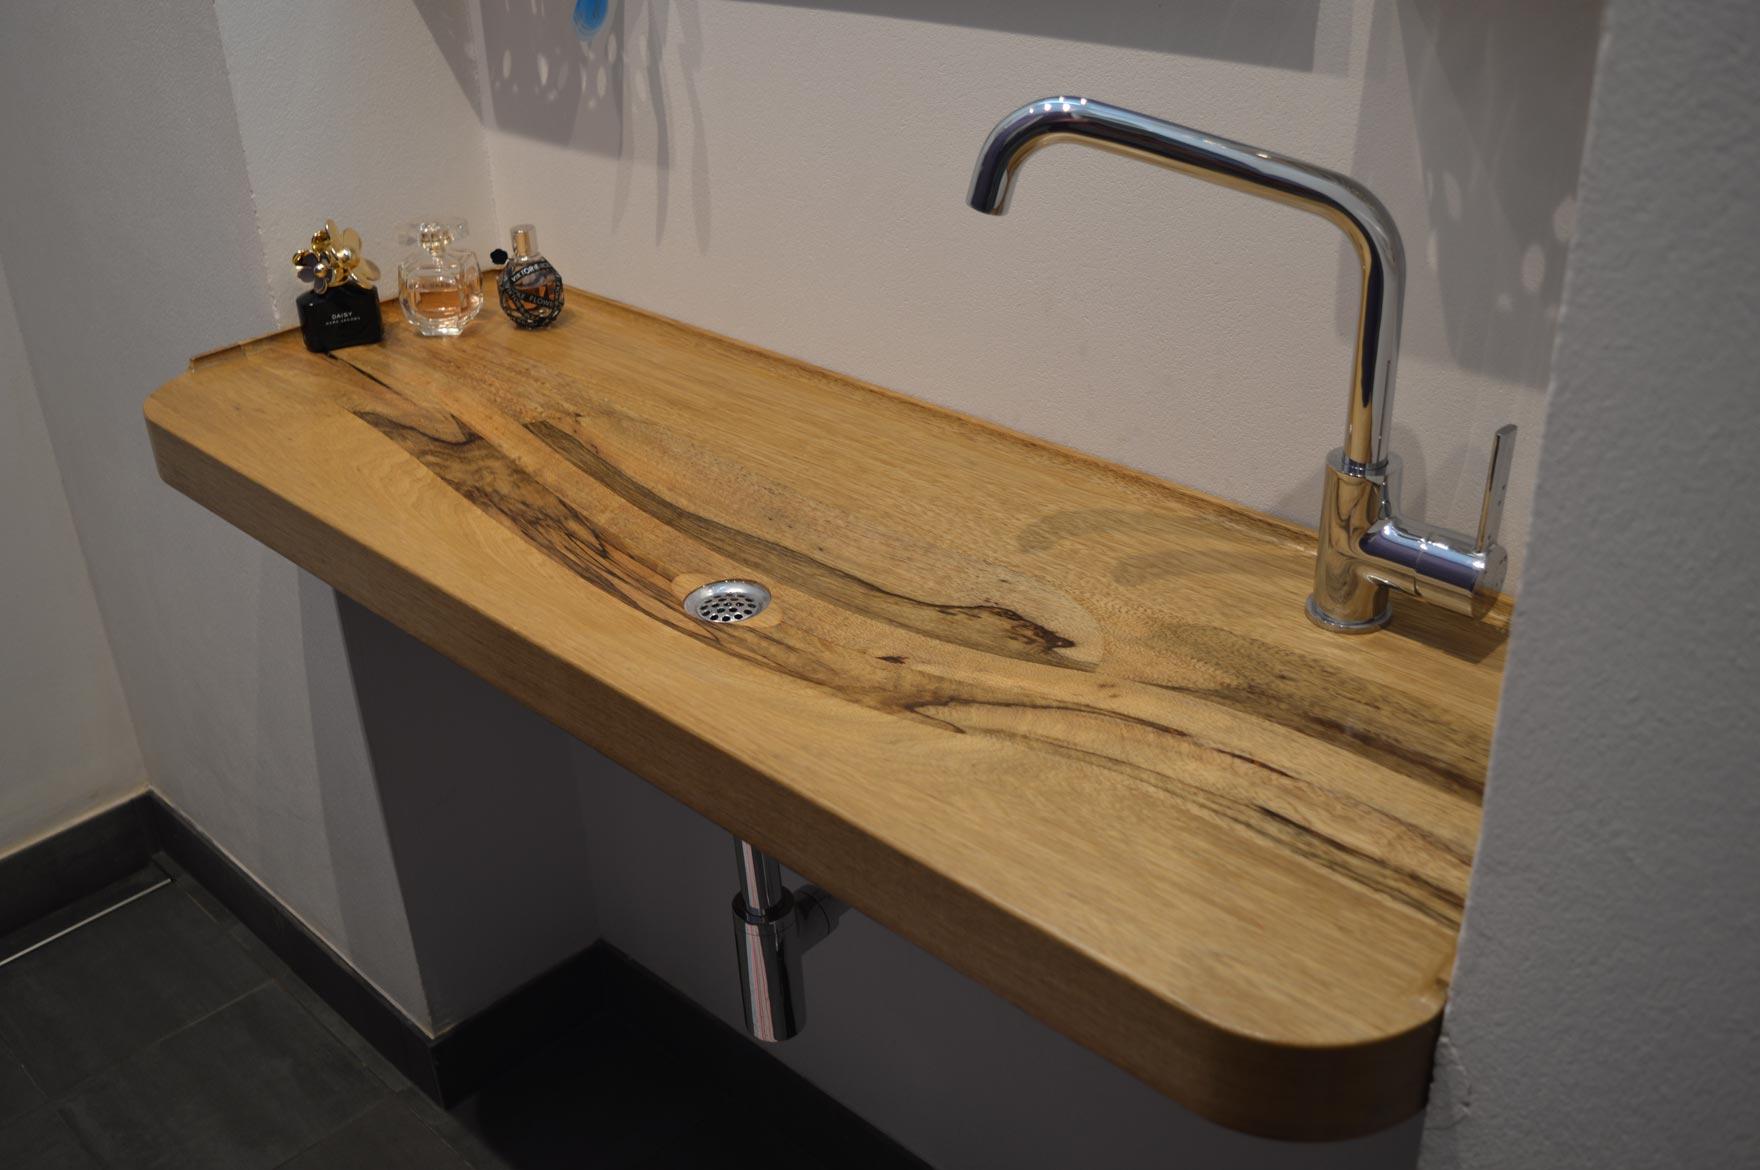 Wasbak Badkamer Plaatsen : Nieuwe houten wastafel in kleine badkamer